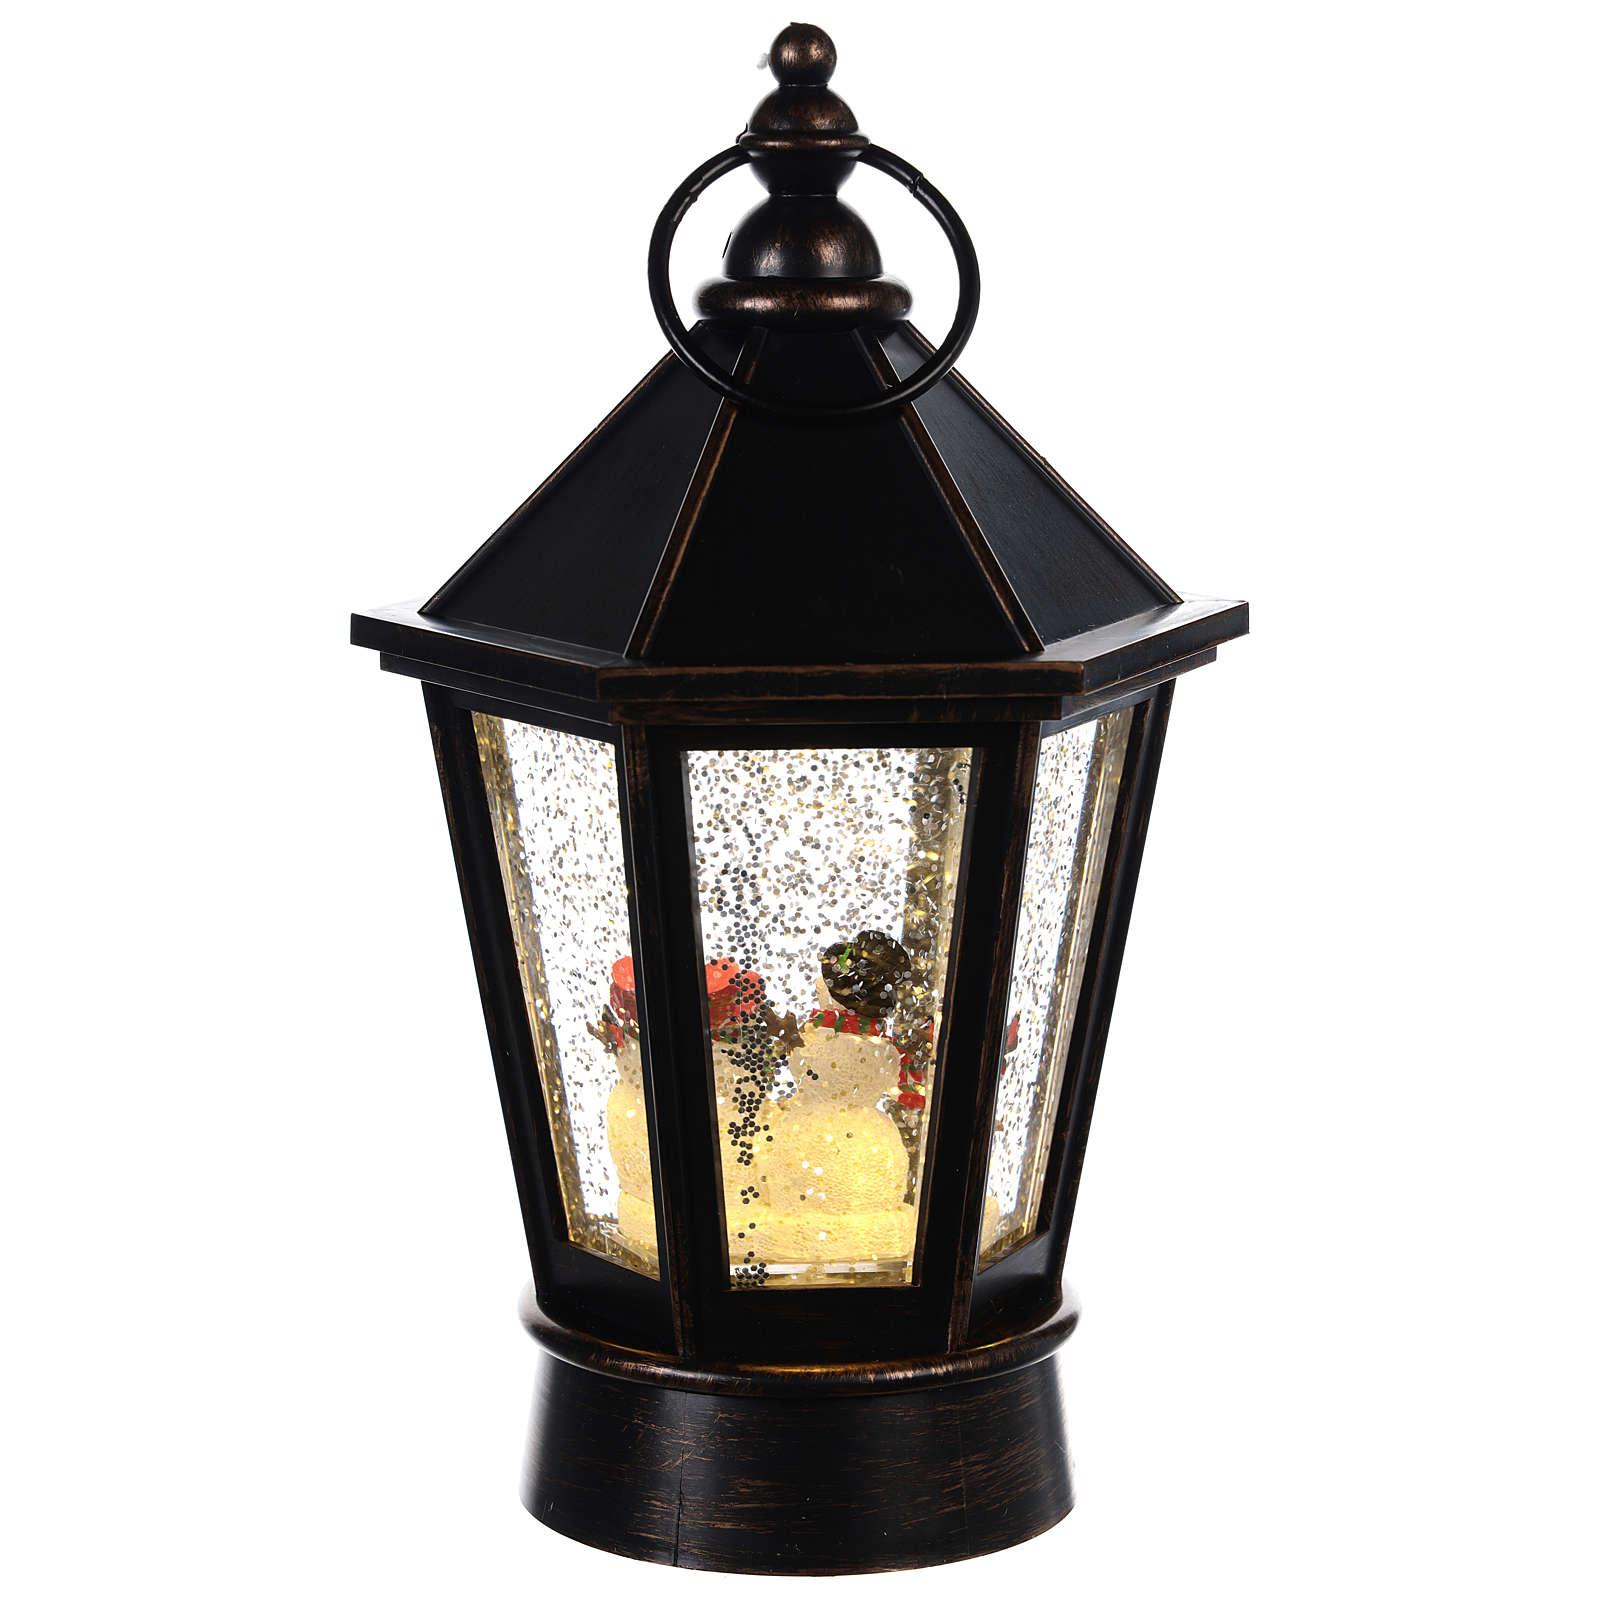 Kula śnieżna latarenka sześciokątna bałwanek 25x10 cm 3